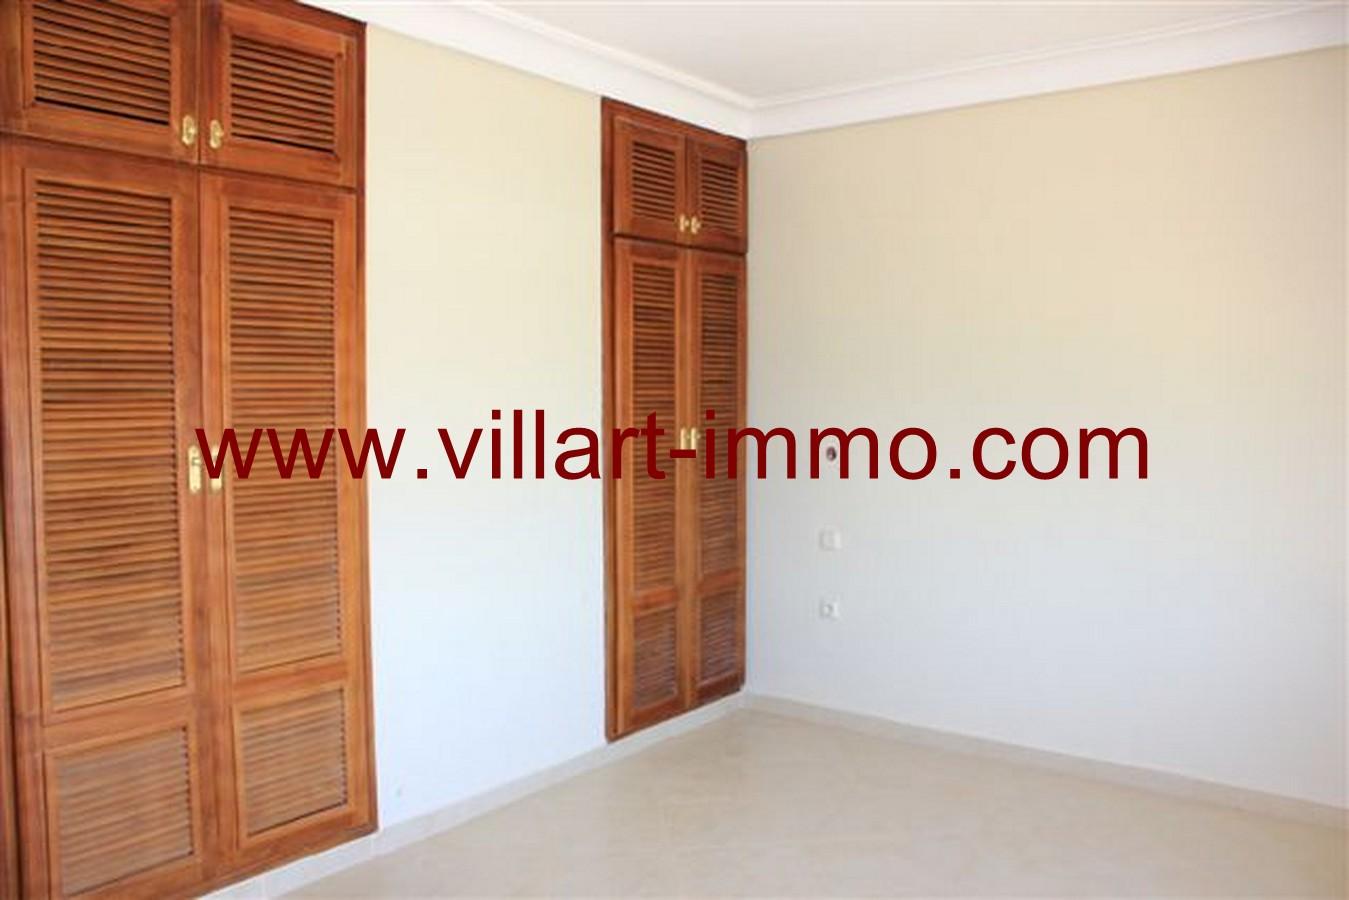 11-Vente-Appartement-Tanger-Malabata-Projet-MIR3-Villart Immo